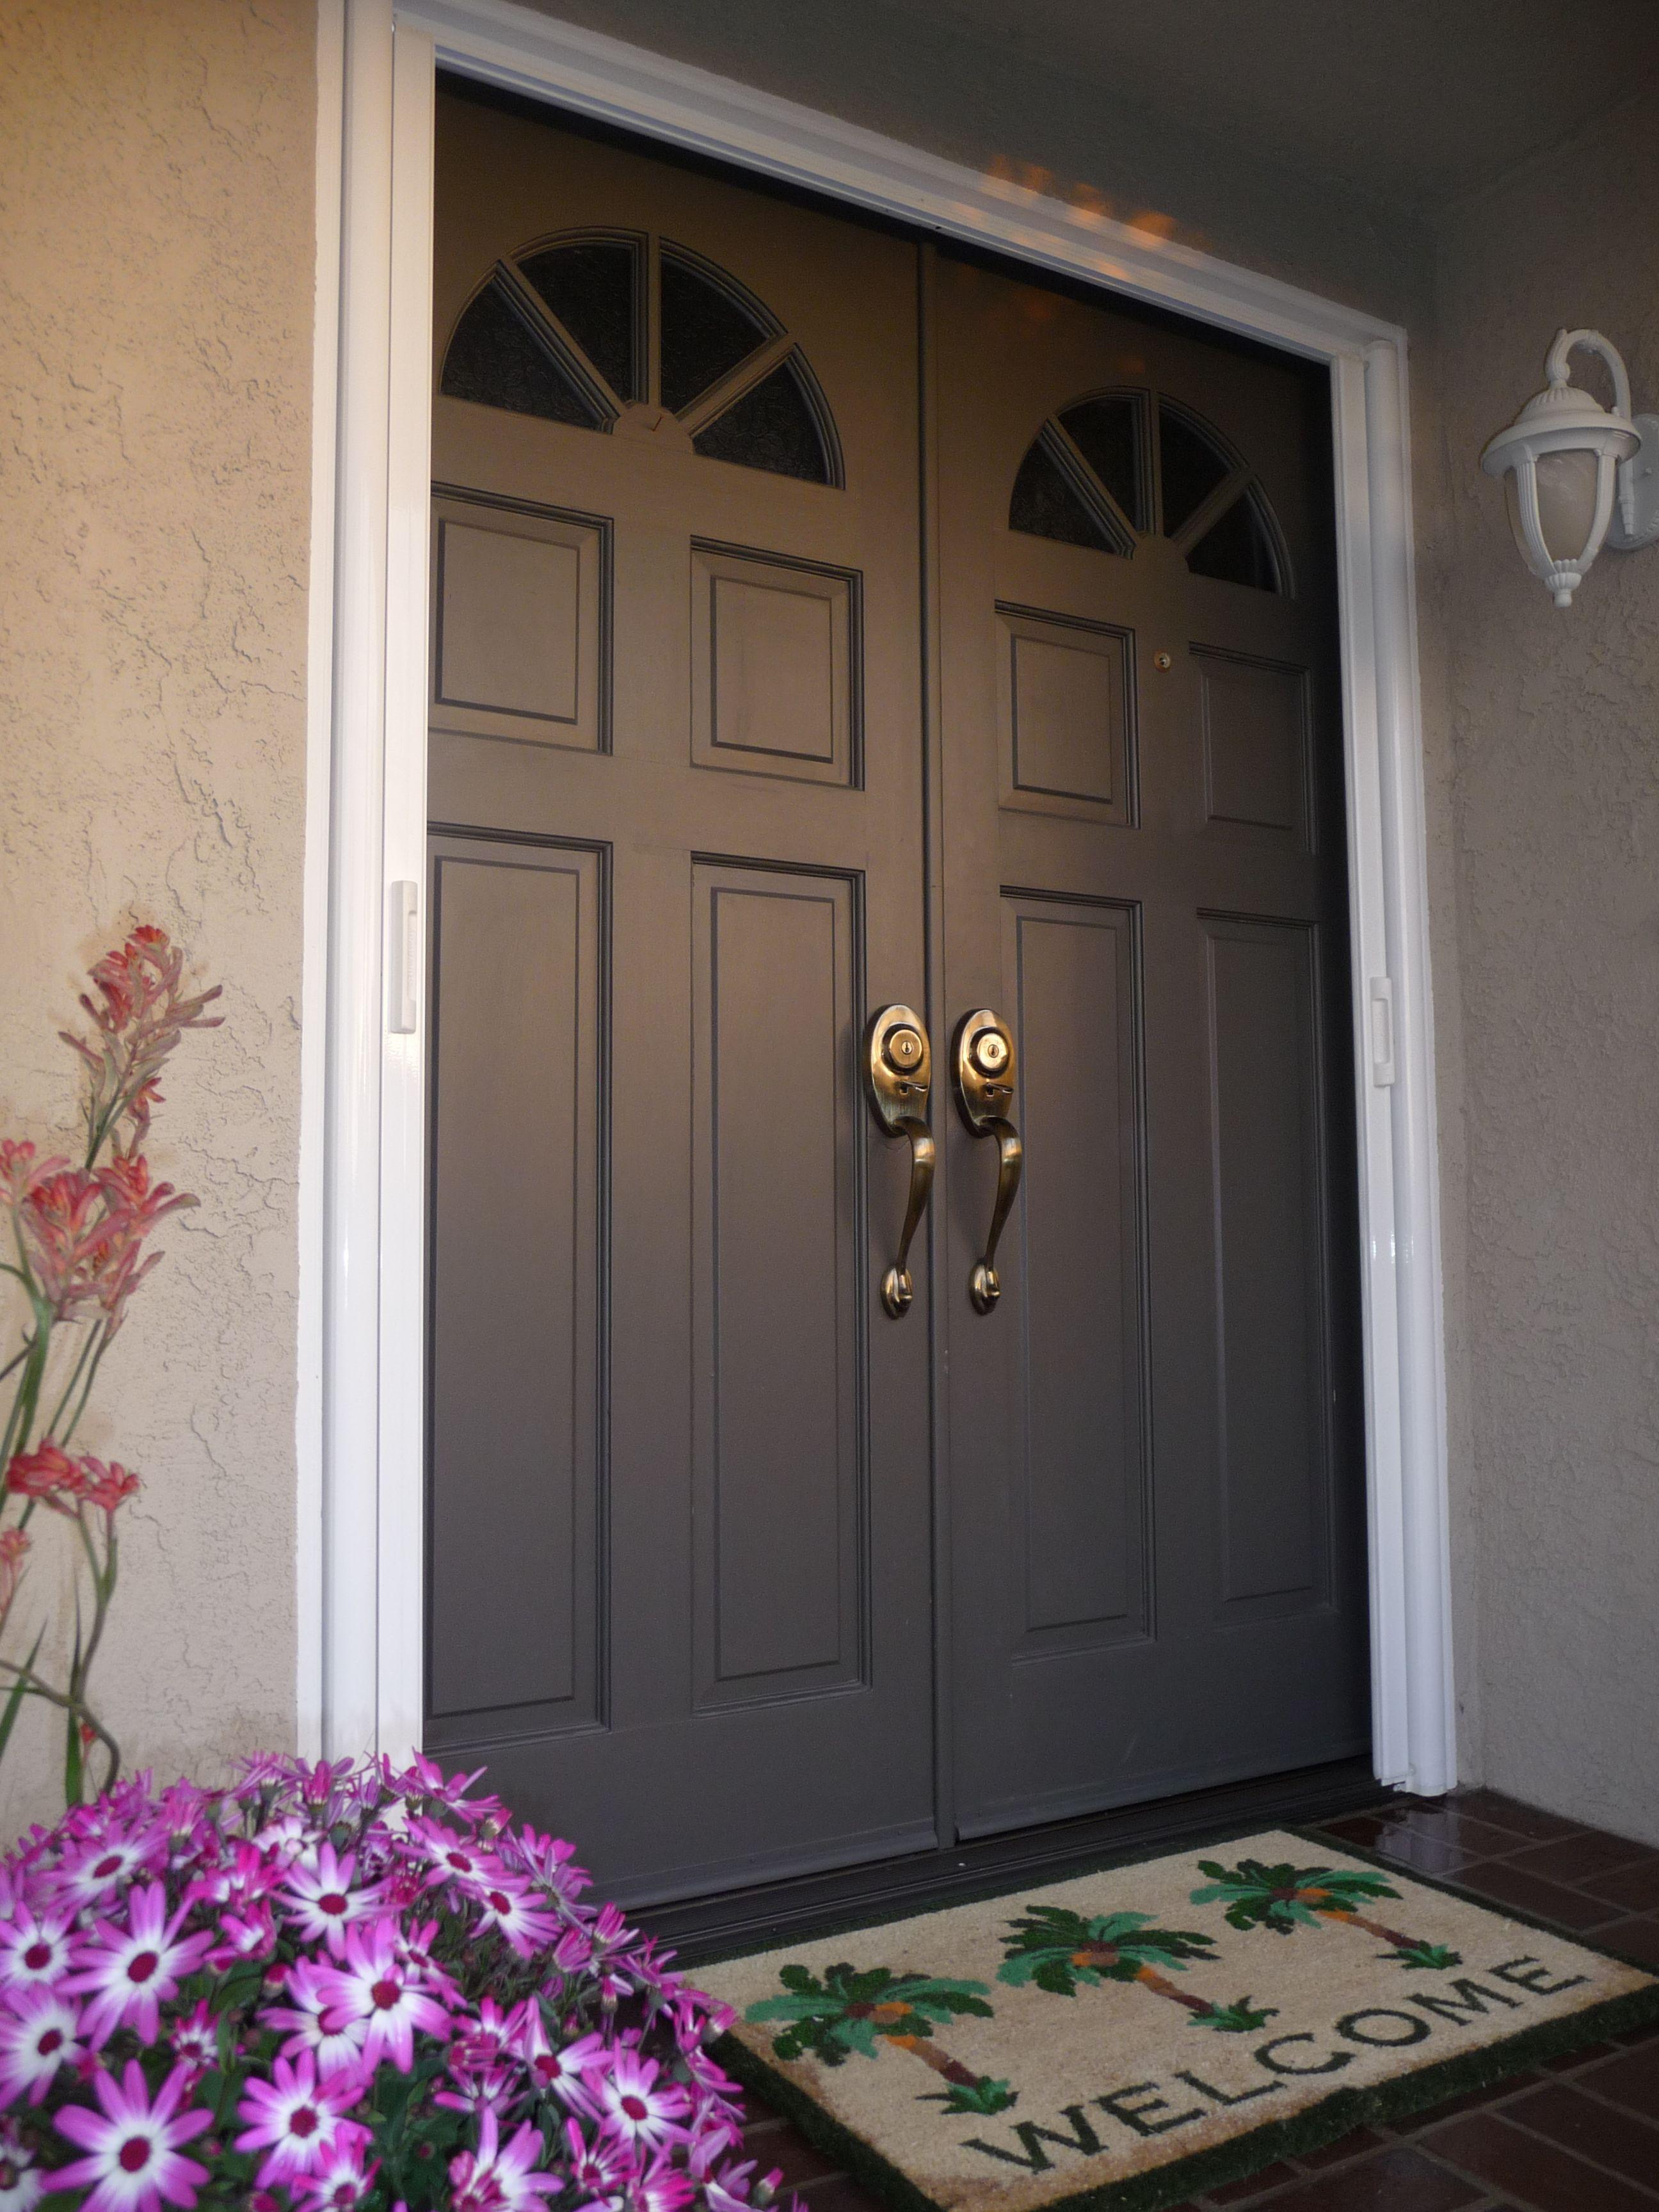 Double Exterior Doors Exterior Doors Luxury With Regard To